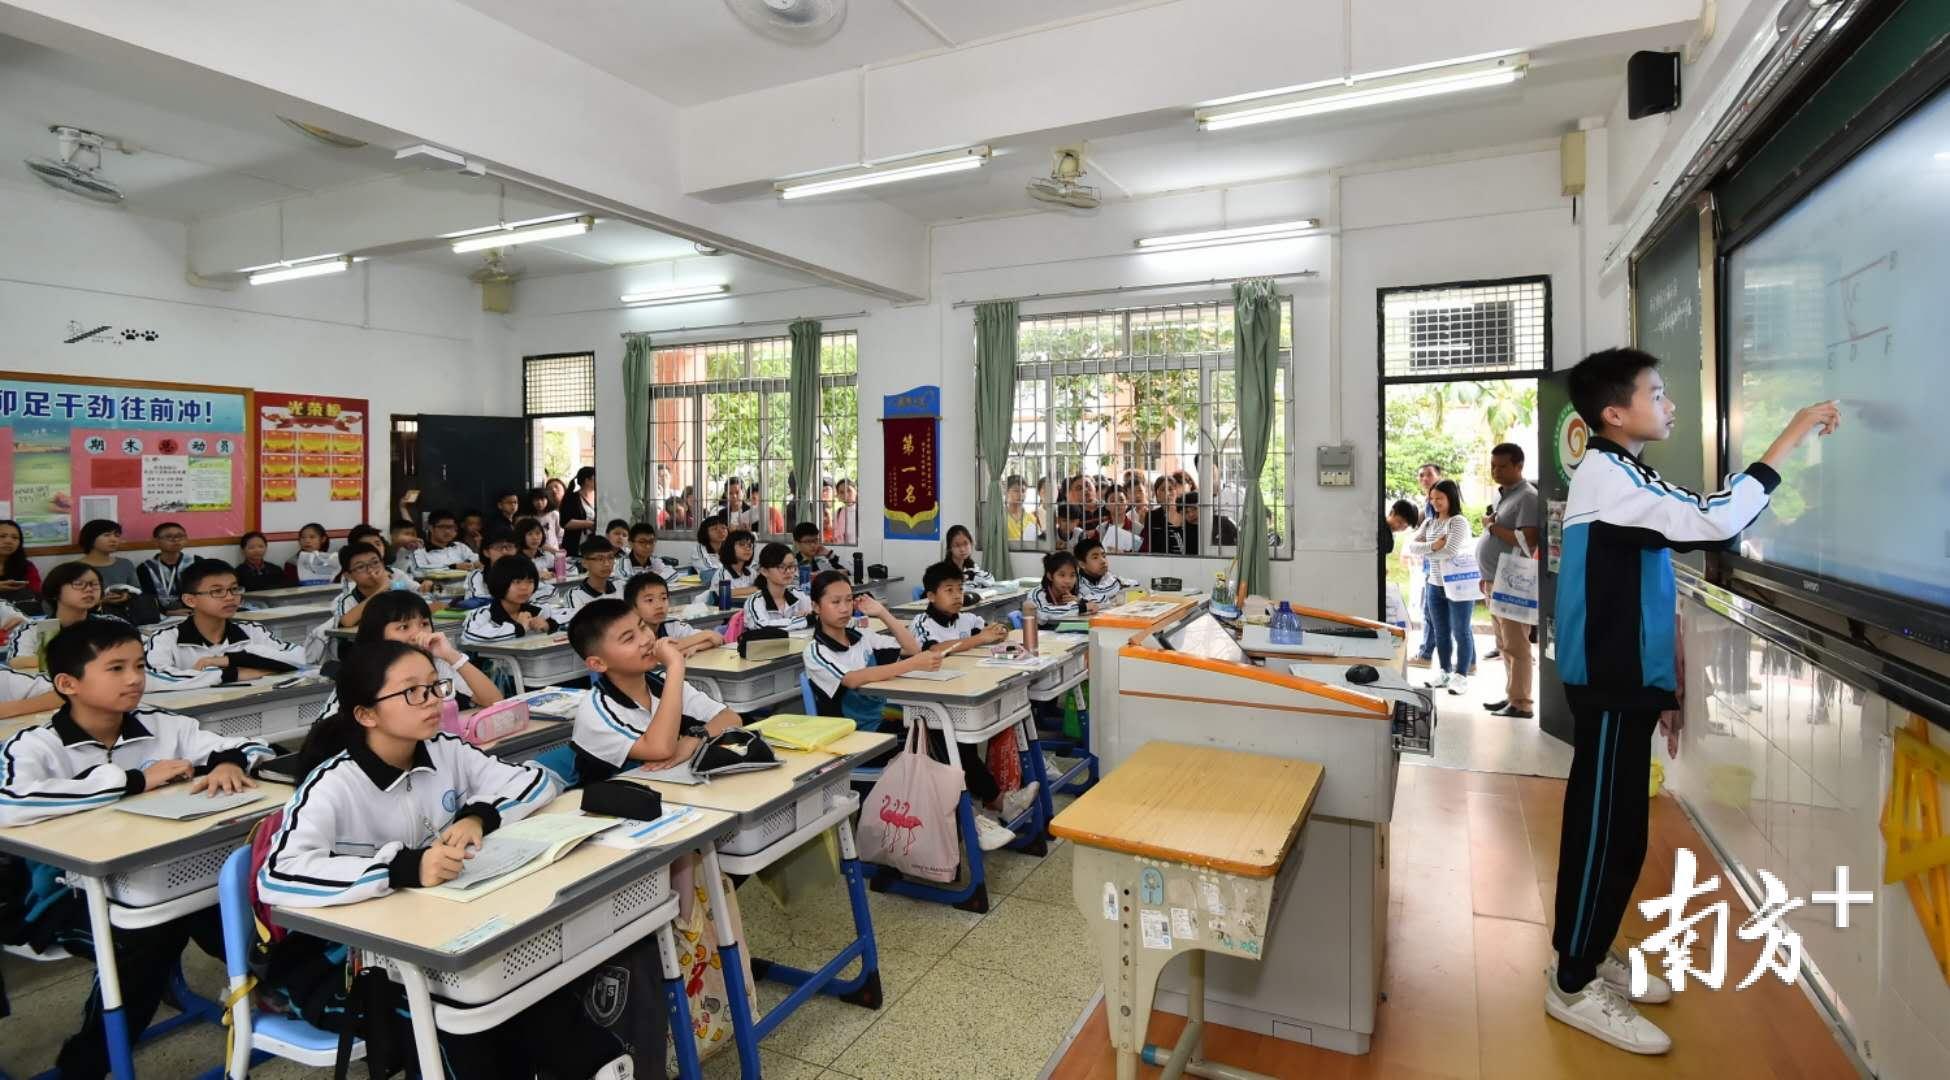 三水的教育综合改革极大地调动了学校办学的积极性,纷纷实行教育教学改革。 三水中学附属初中供图